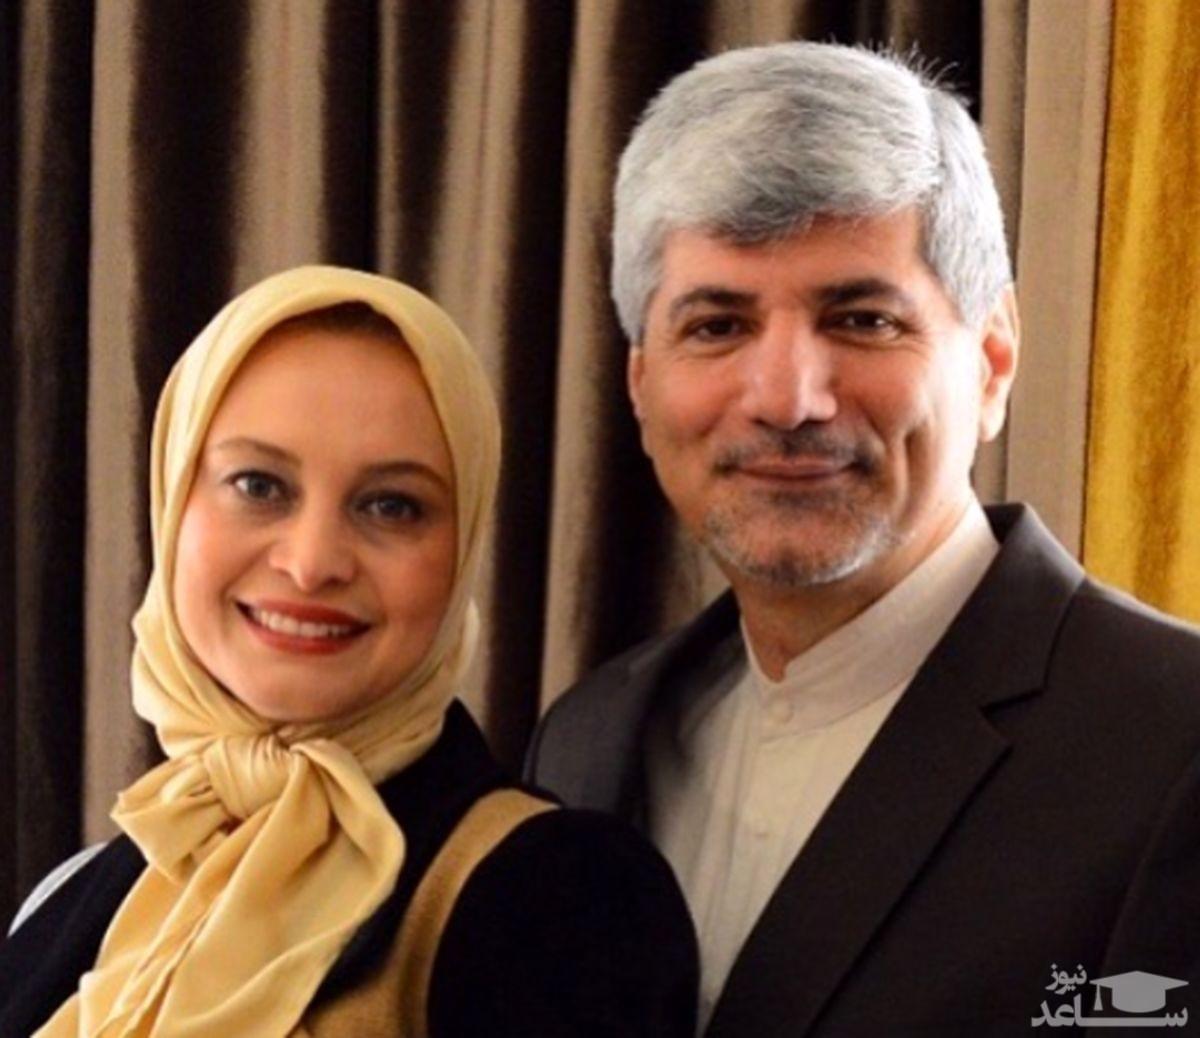 همسر خانم بازیگر کاندیدای ریاست جمهوری شد